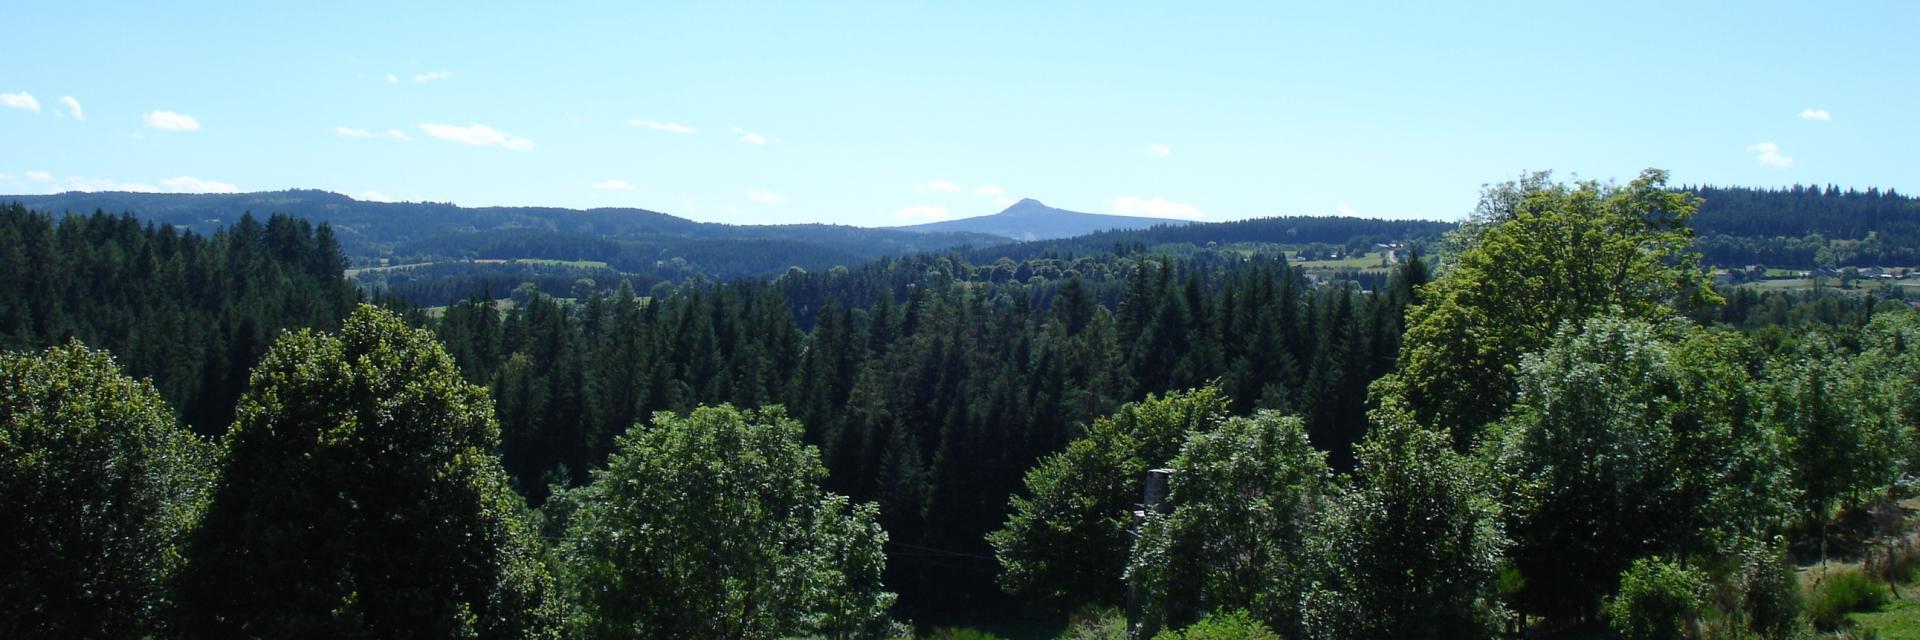 Les sucs volcaniques du Velay